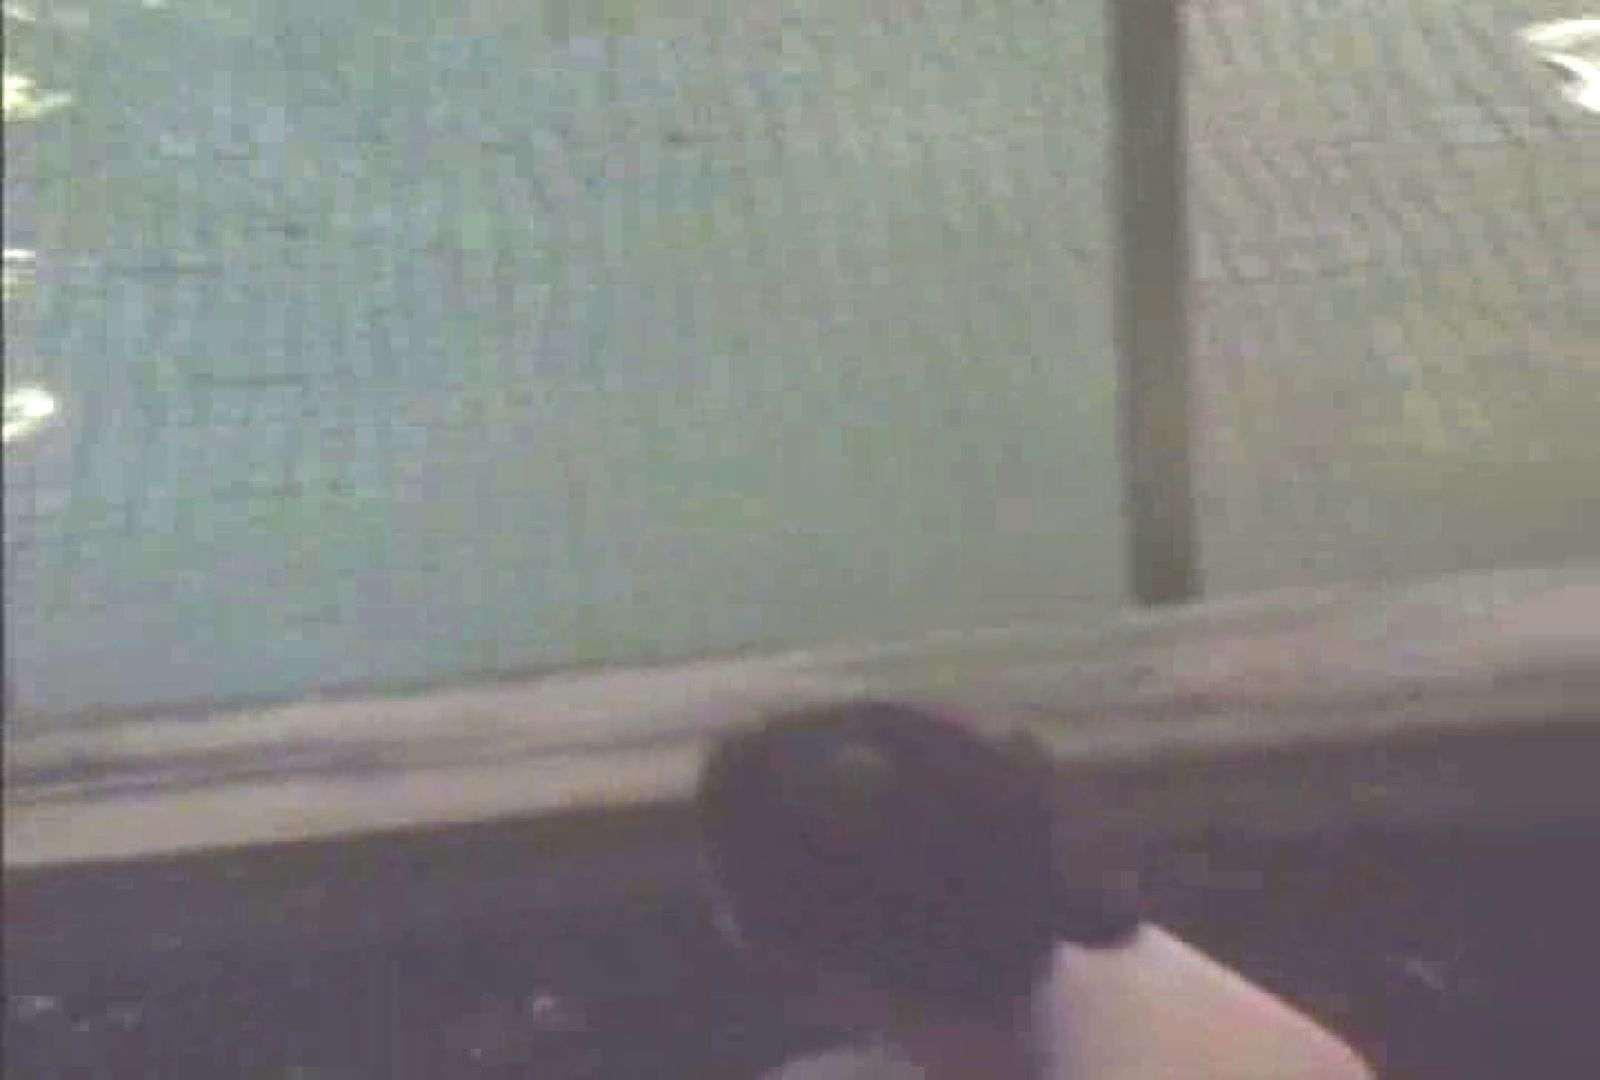 素人投稿シリーズ 盗撮 覗きの穴場 大浴場編  Vol.2 HなOL 盗撮動画紹介 112pic 98